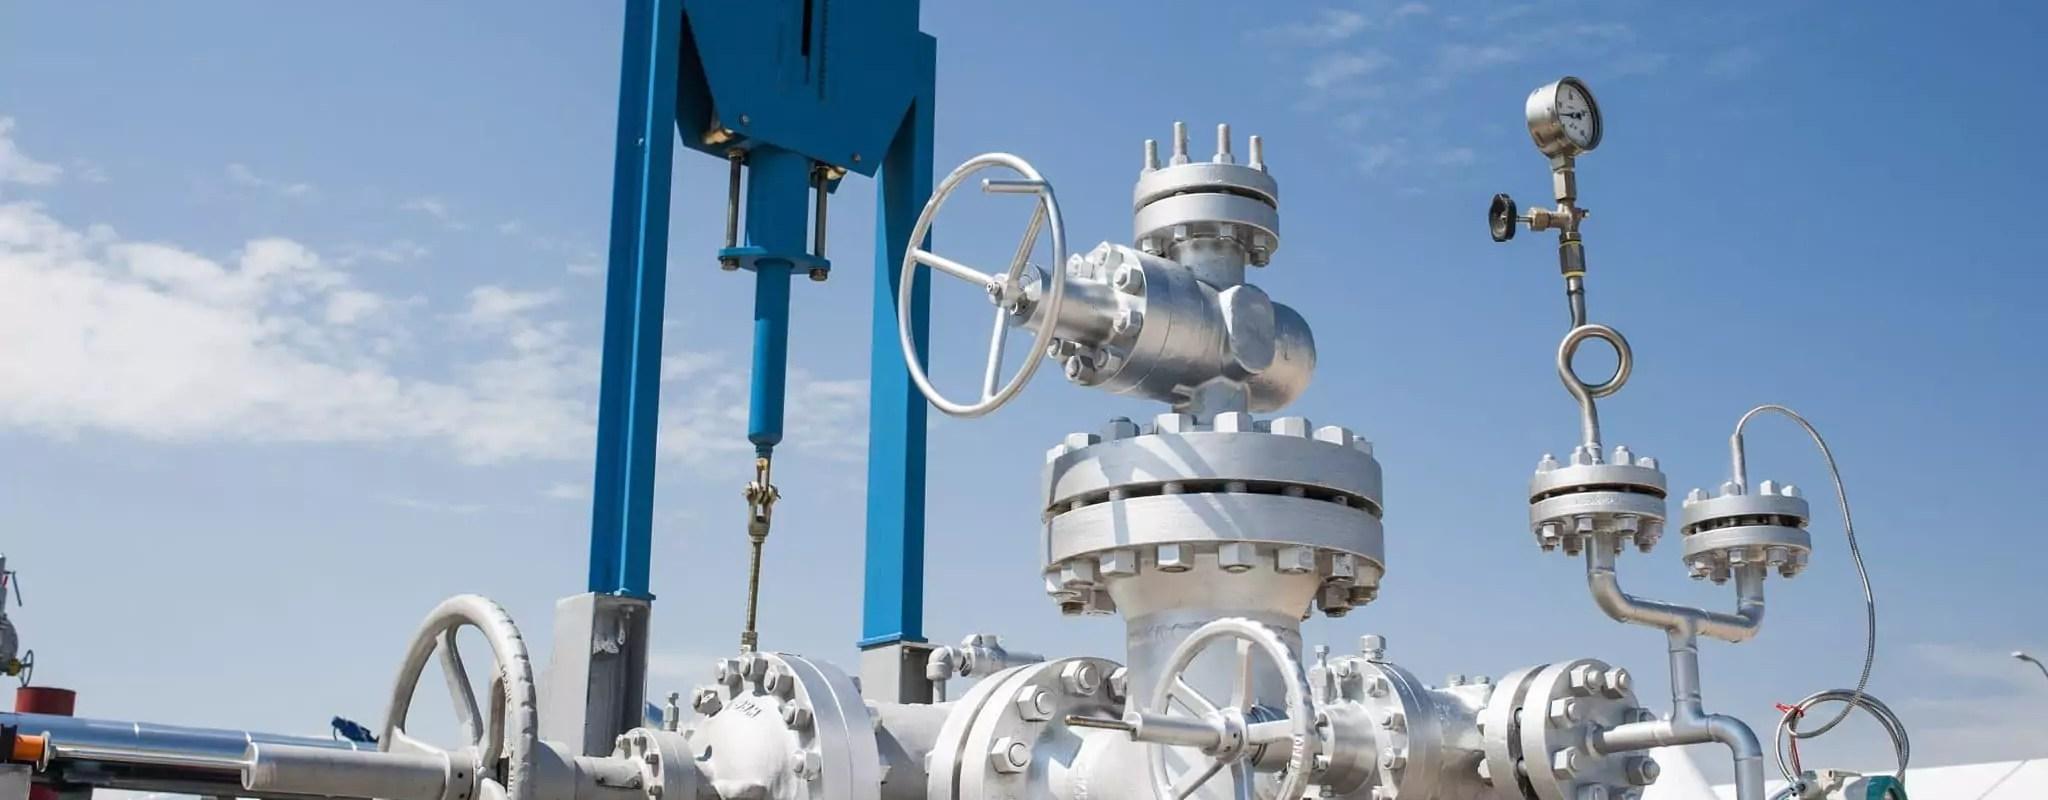 Pour la transition énergétique, l'Alsace mise sur la géothermie